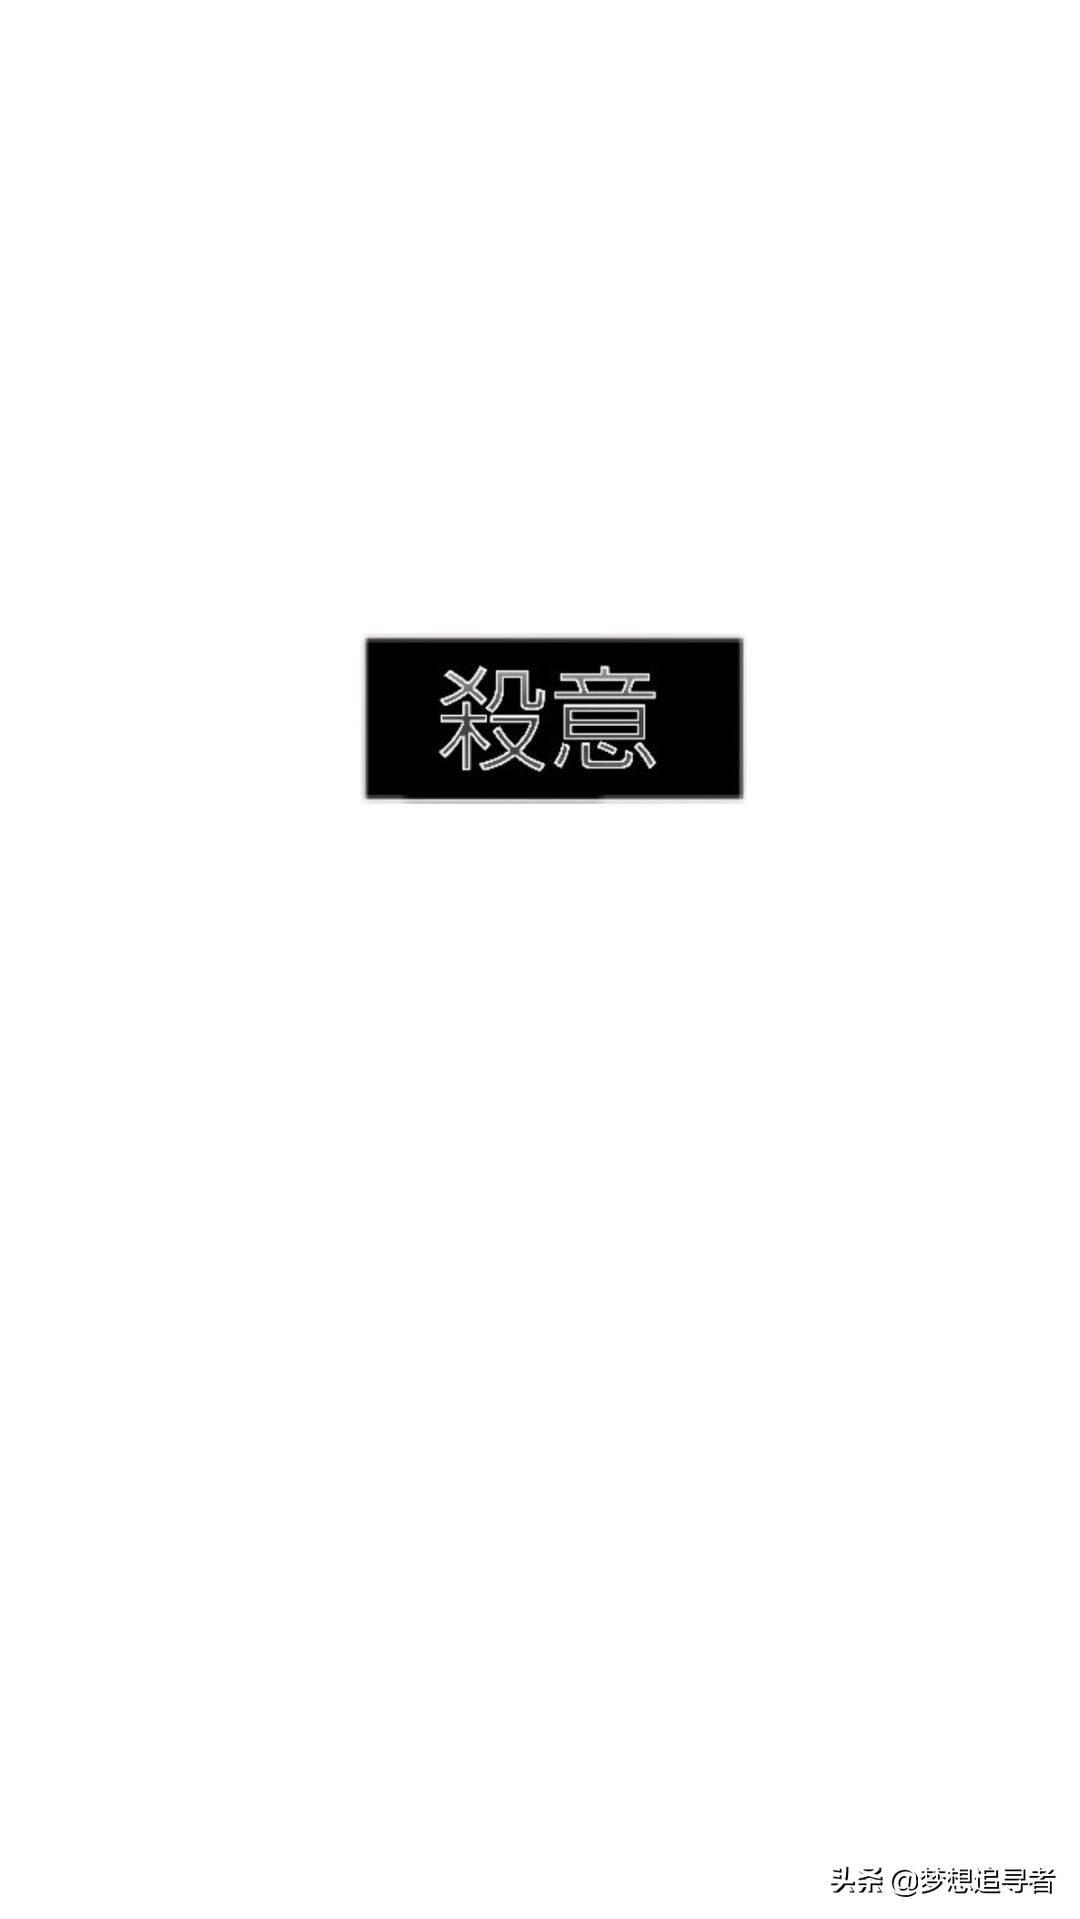 白色底图纯白图片(纯白背景图片素材大全) 网络快讯 第6张